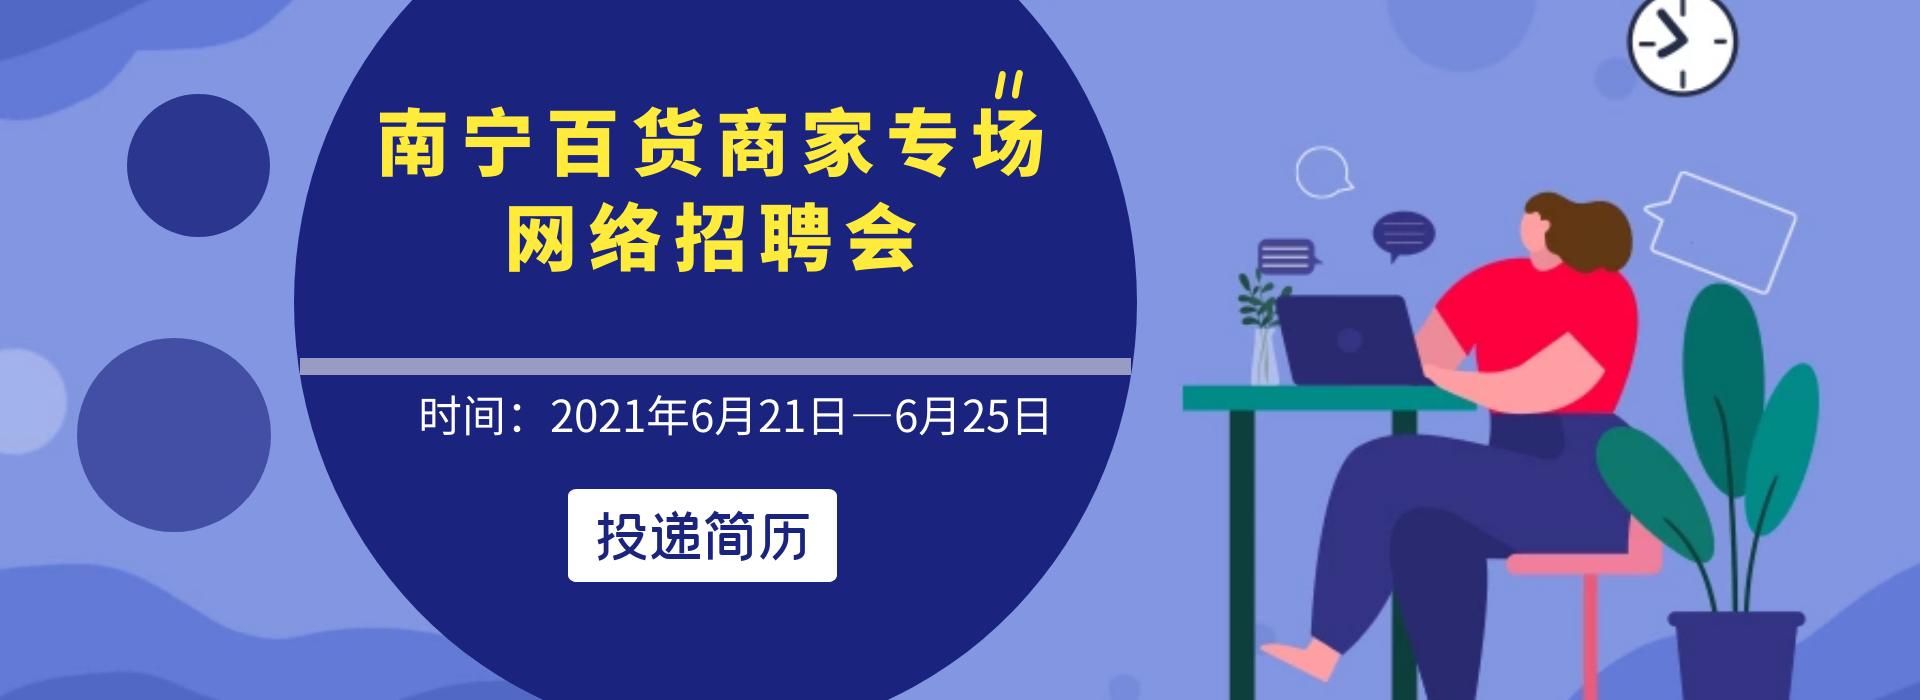 南宁百货专场网络招聘会